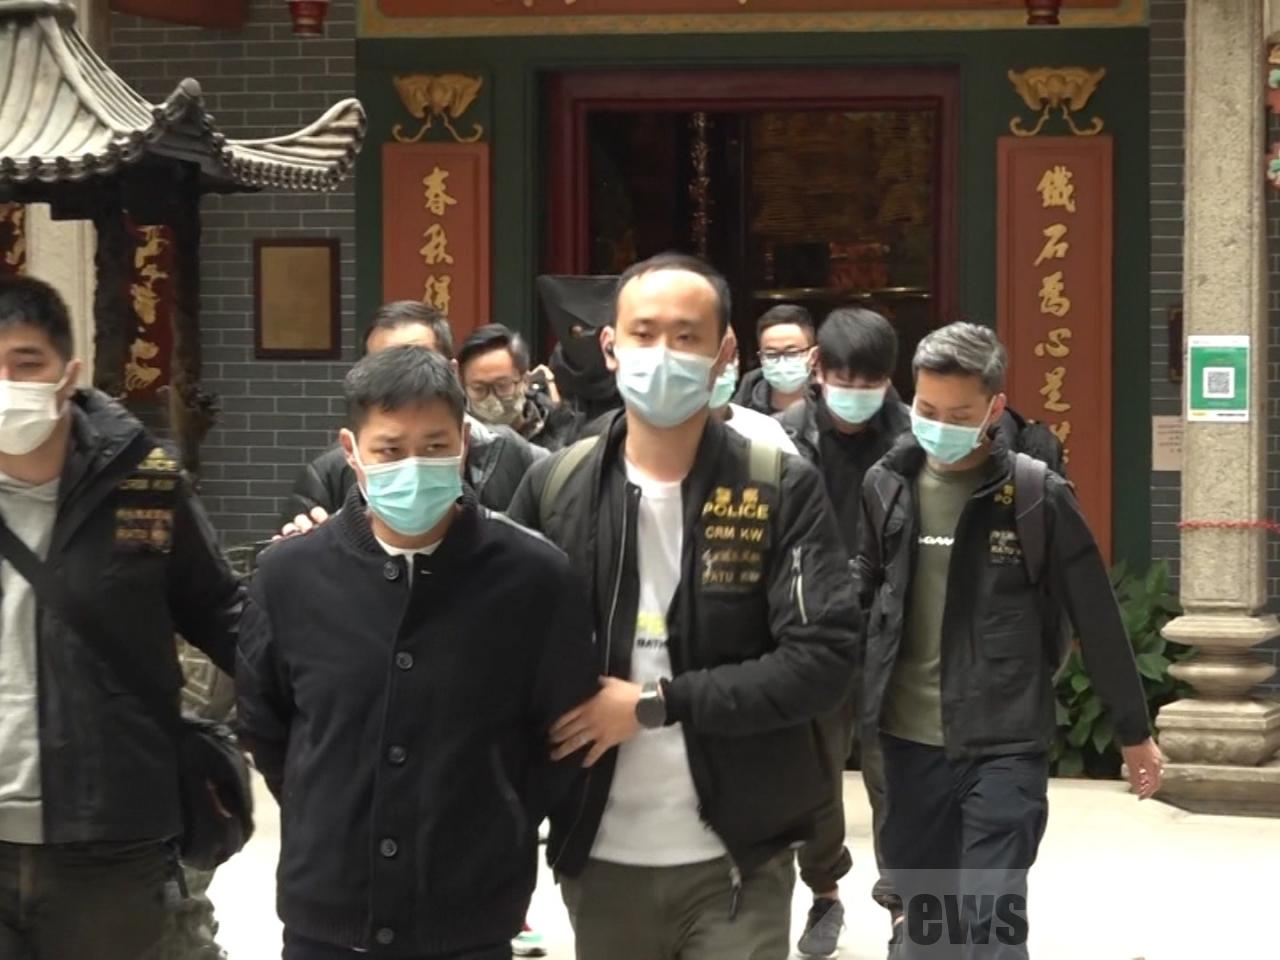 香港警方17日在深水埗關帝廟內,以涉嫌參與三合會入會儀式拘捕7人。(RTHK)